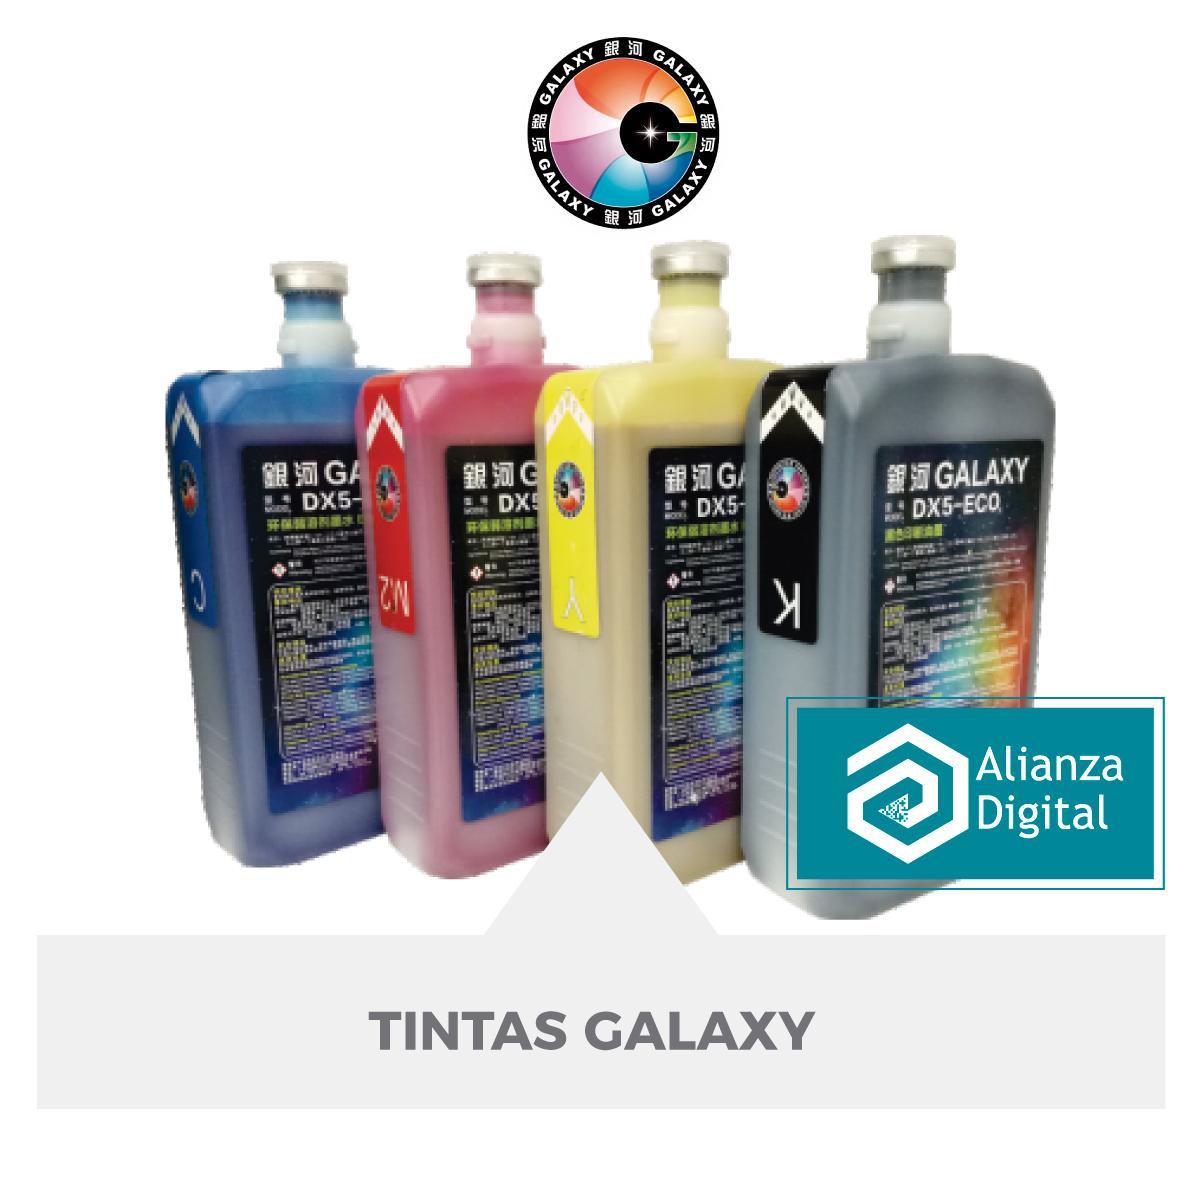 tintas konica minolta en Alianza Digital SYP